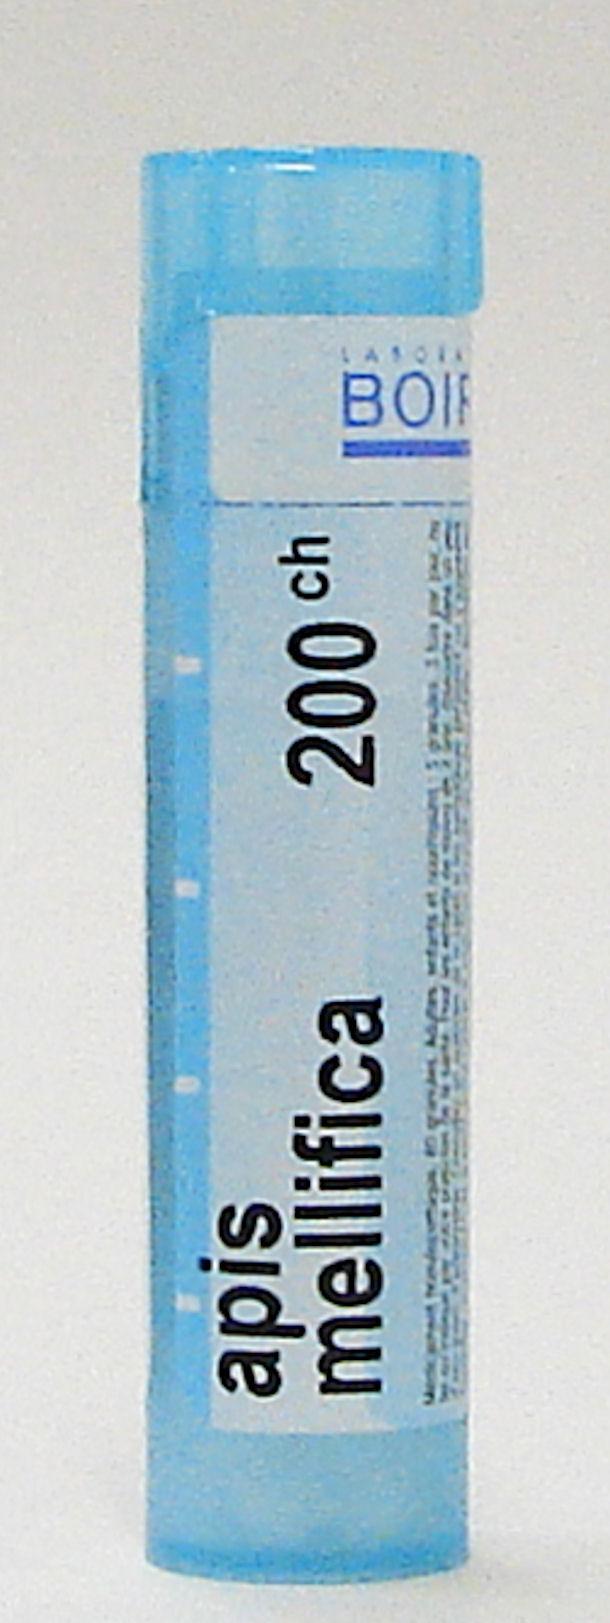 apil mellifica 200 ch sublingual pellets (boiron)